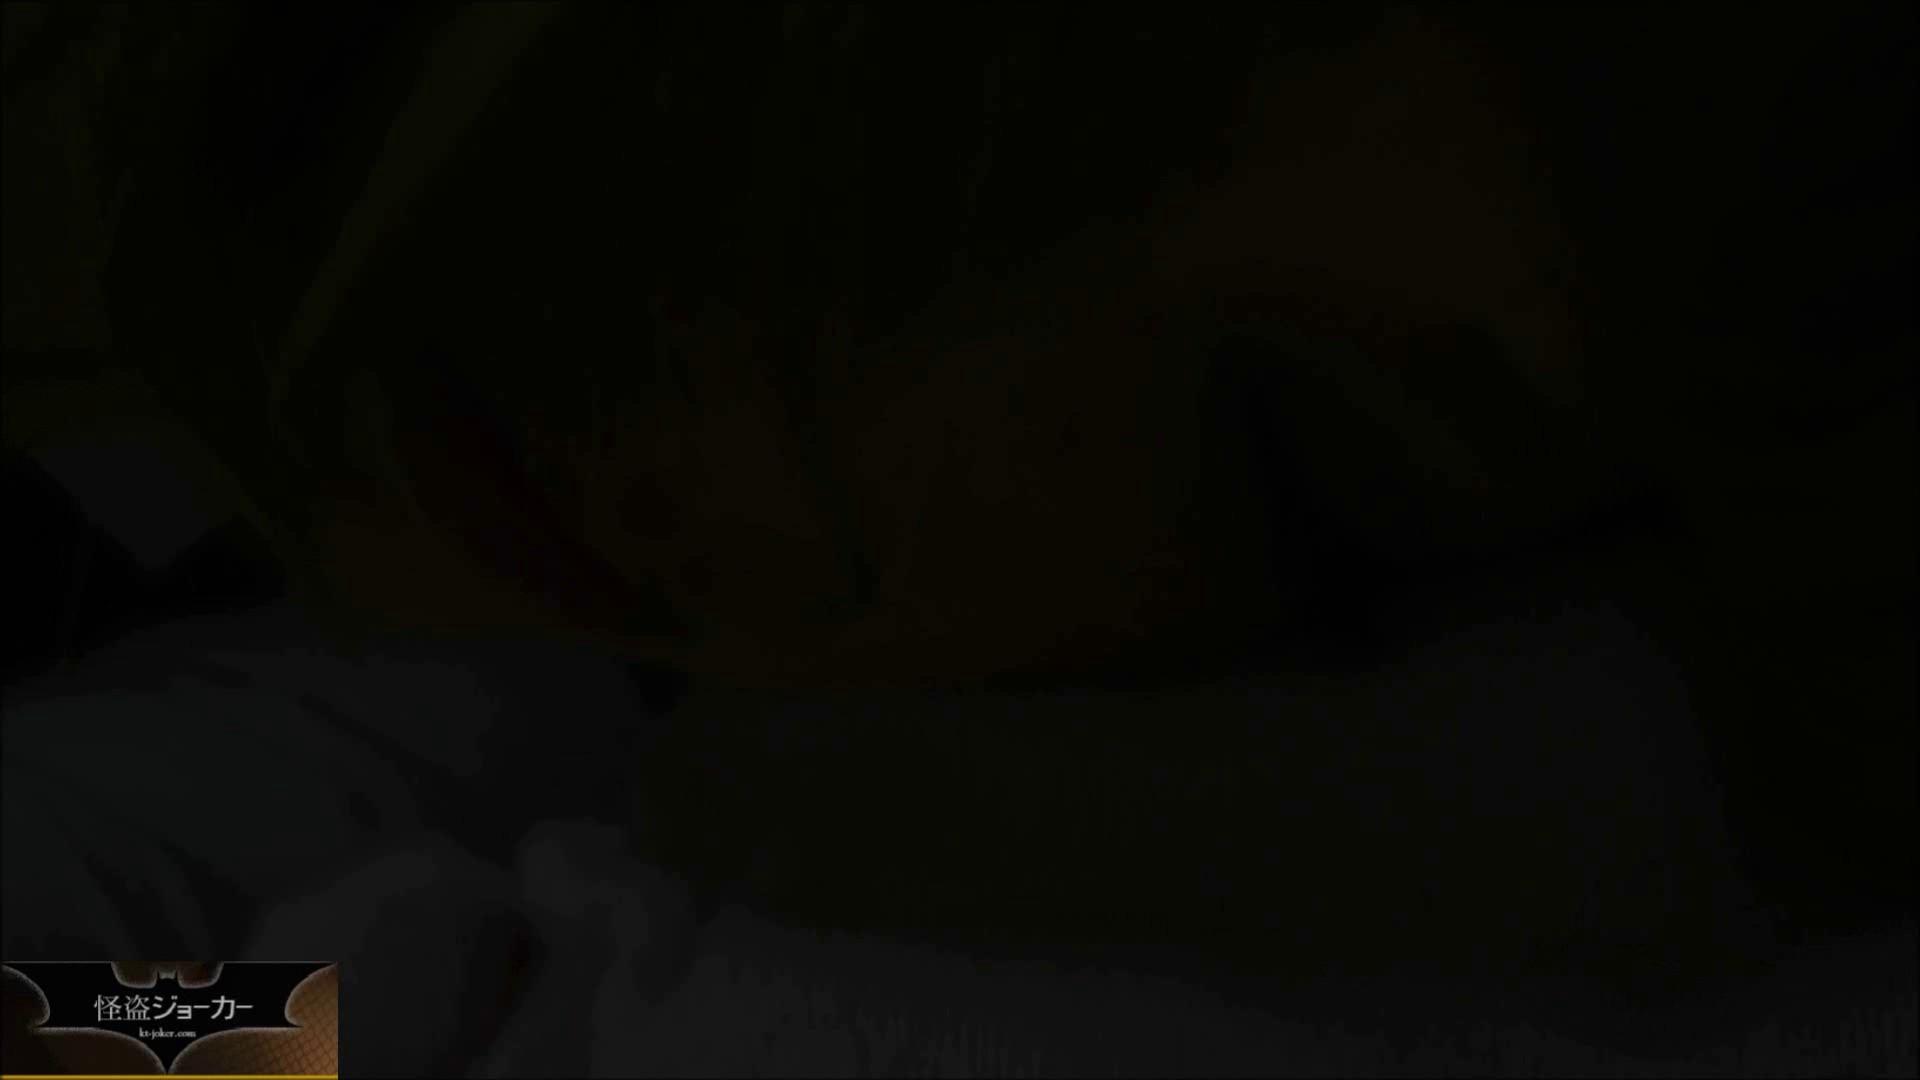 【未公開】vol.3ユリナに実女市ヒトミを愛撫させ・・・女市がおかされる現場を離れ。 ギャルの乳首 おまんこ動画流出 86画像 41